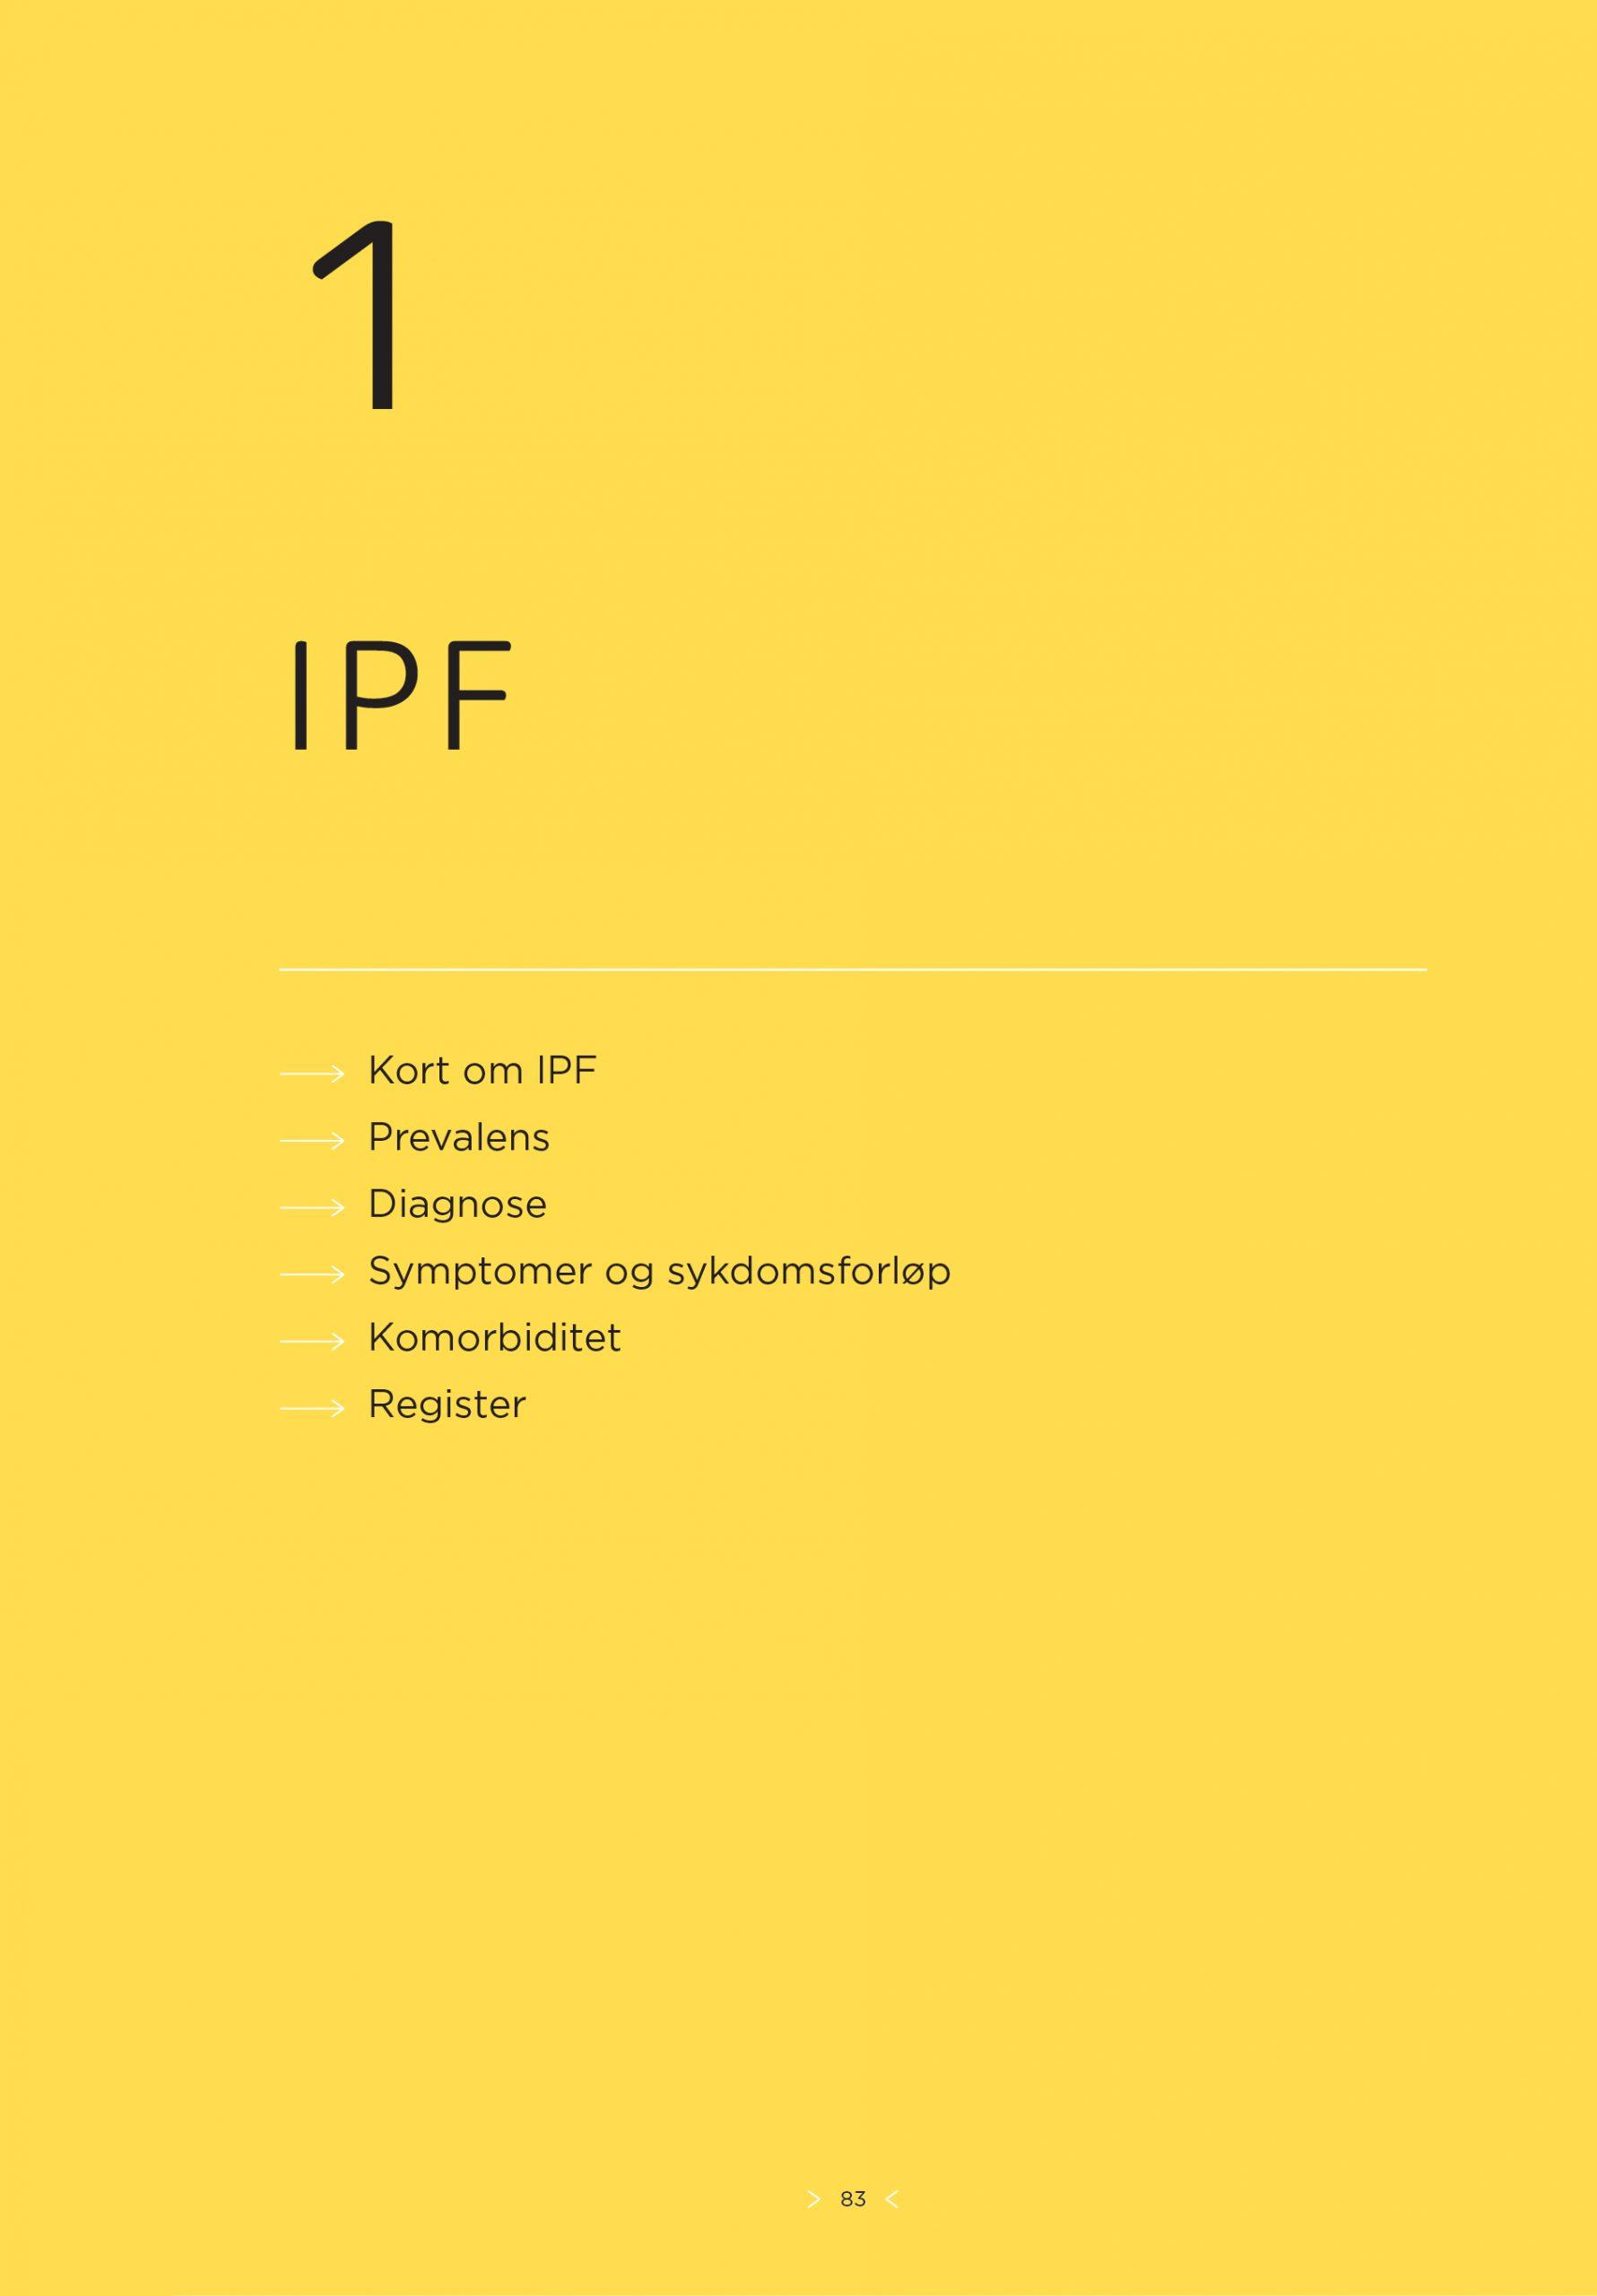 5851-Oppdatering-av-IPF-veileder_3korr2